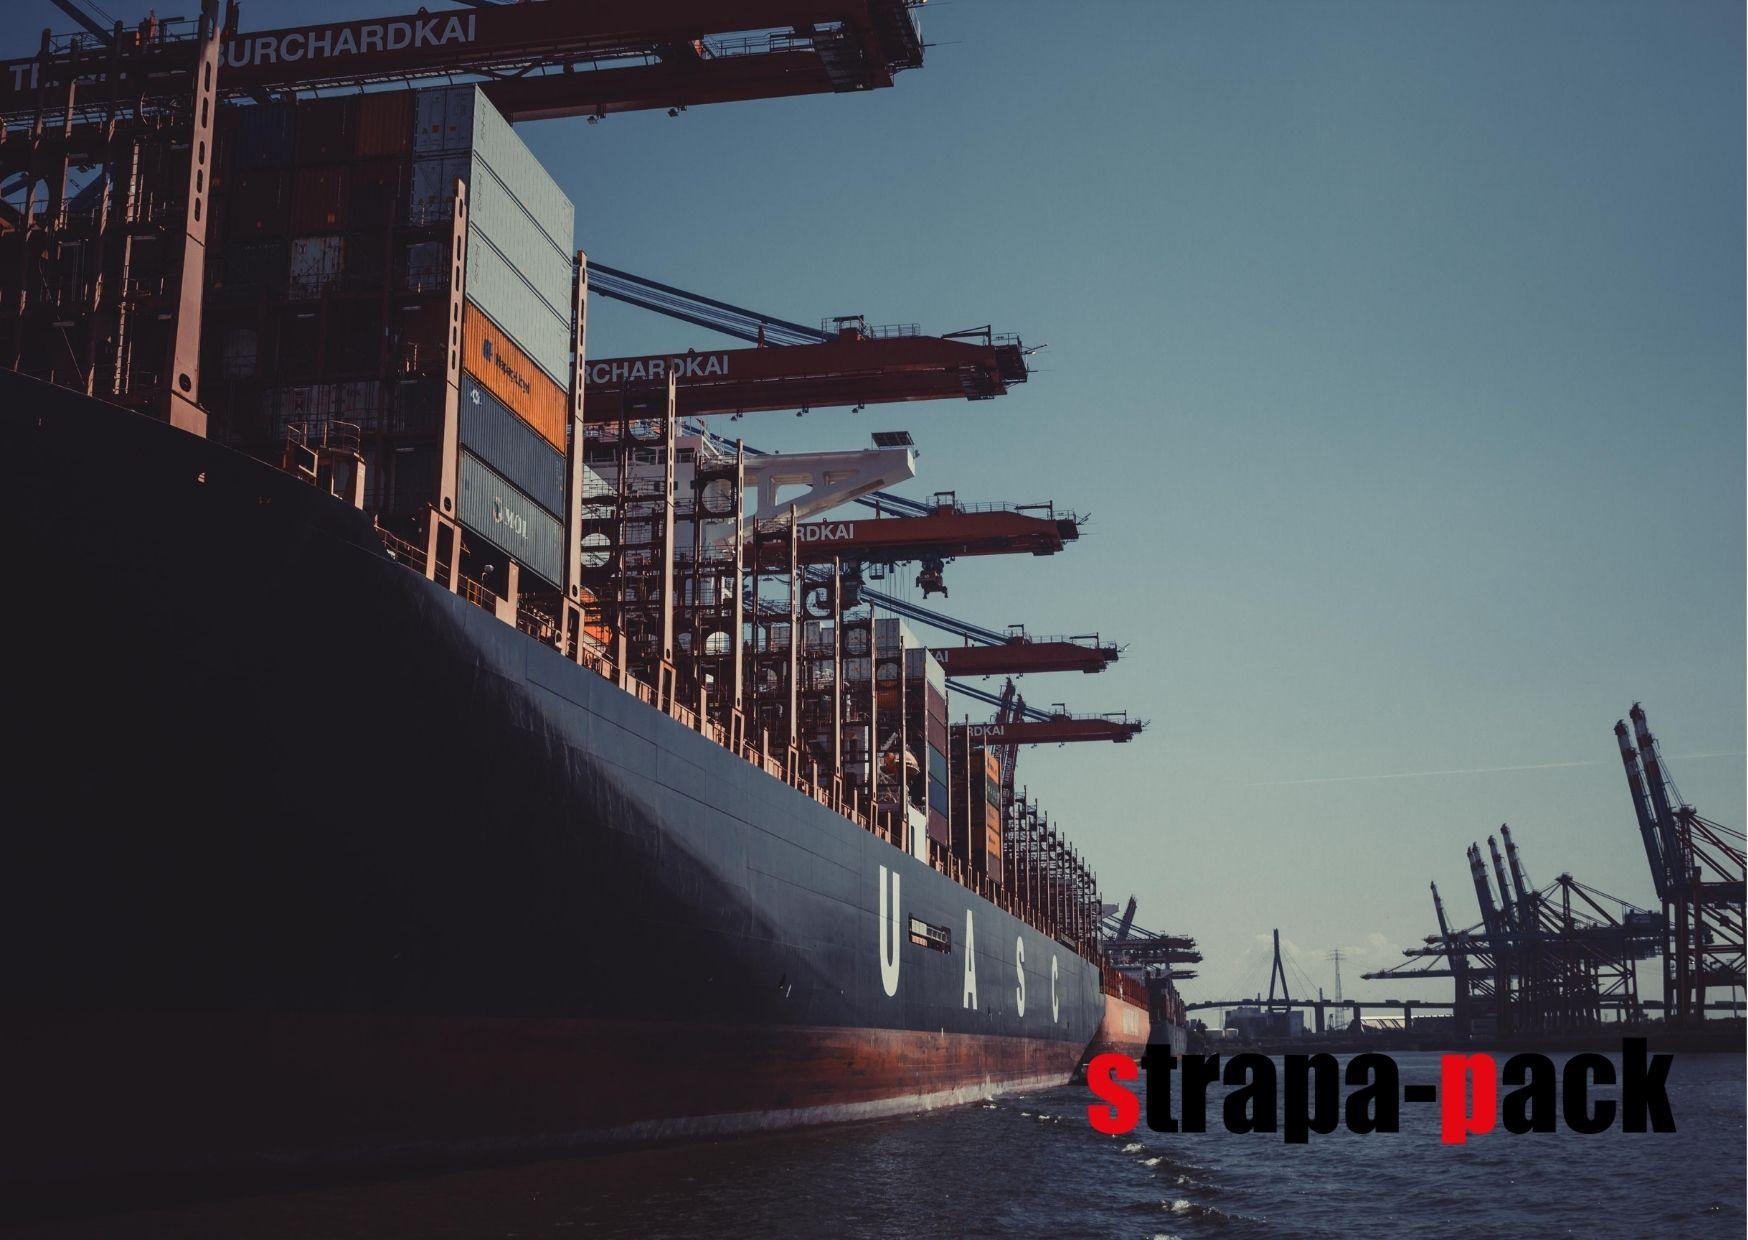 A tengeri csomagolás jelentősége Milyen kockázati tényezőkkel kell számolnia?